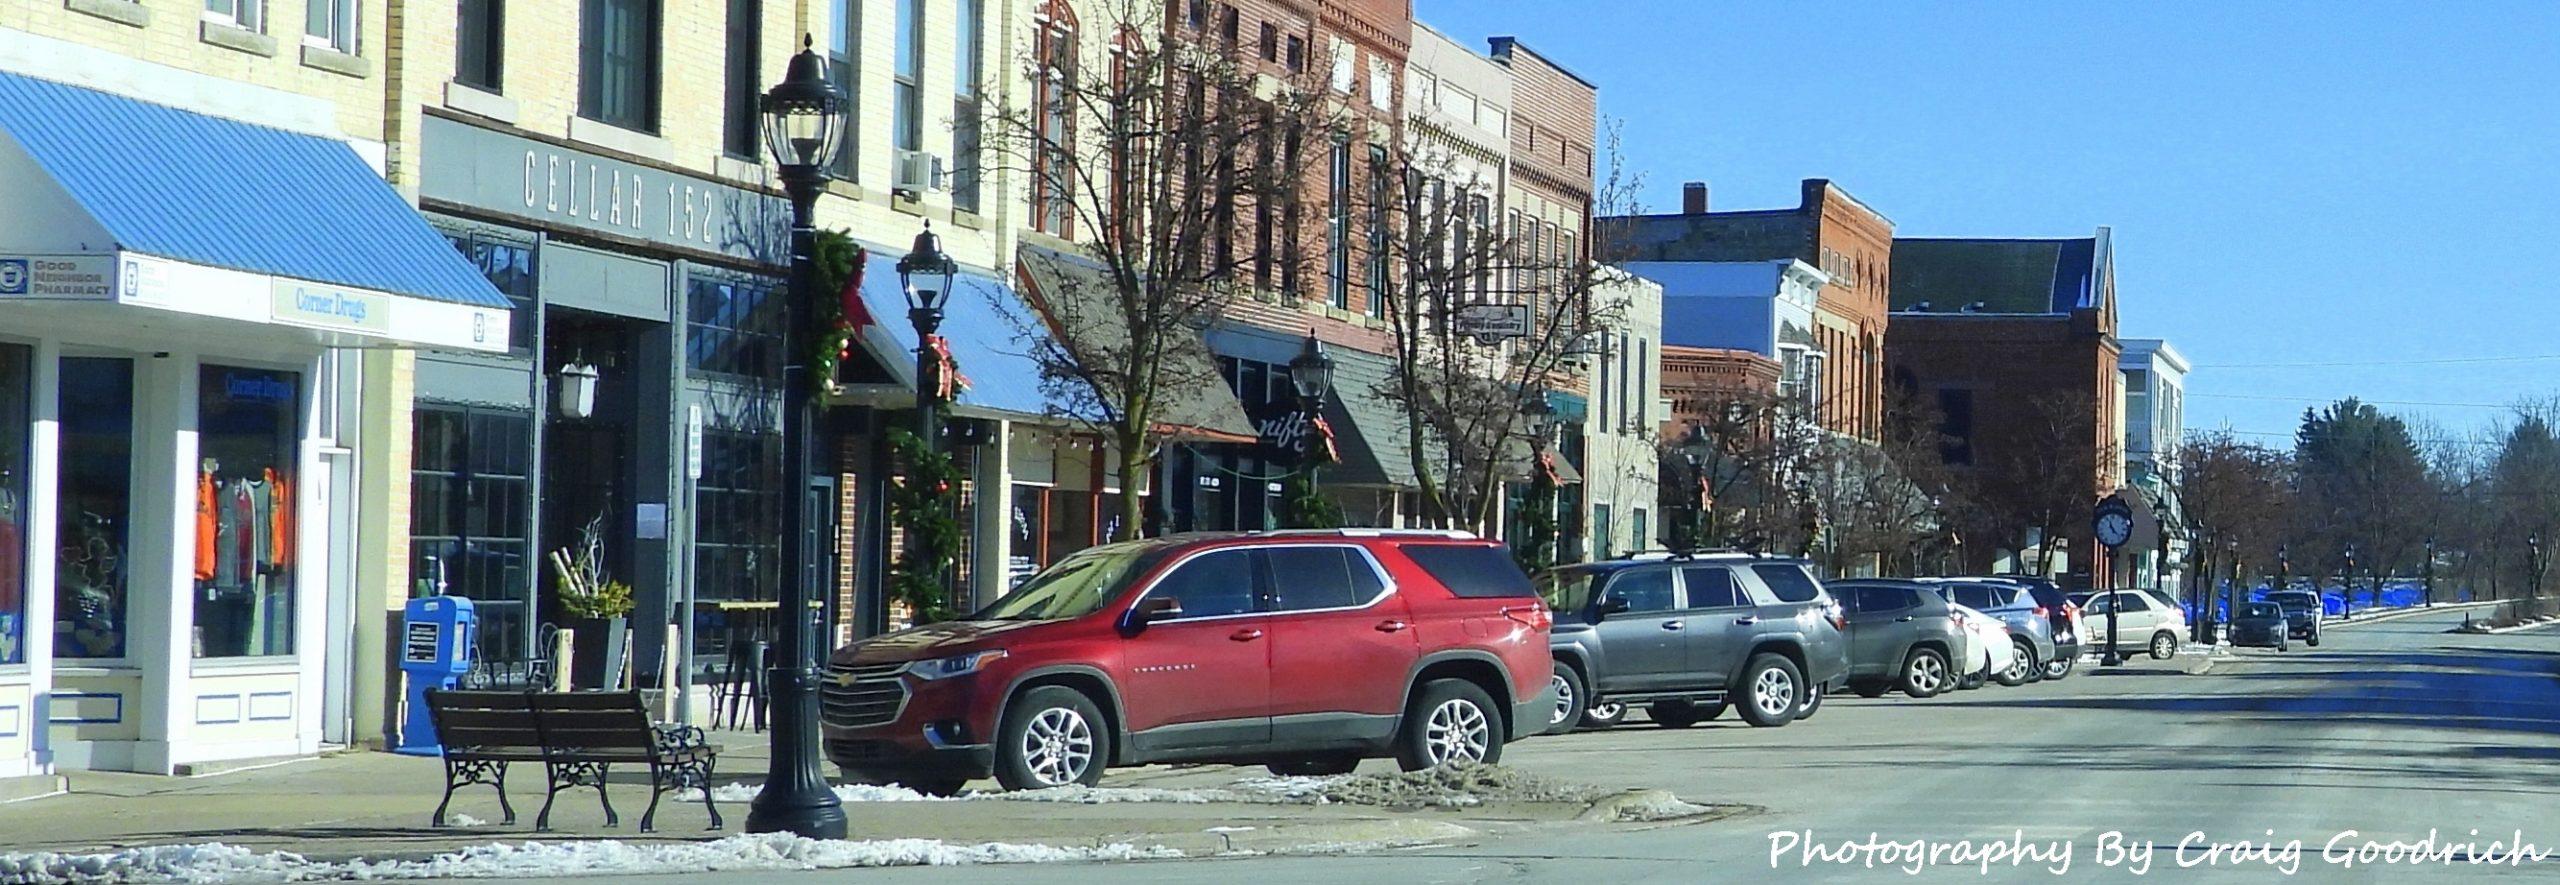 Photo of downtown Elk Rapids